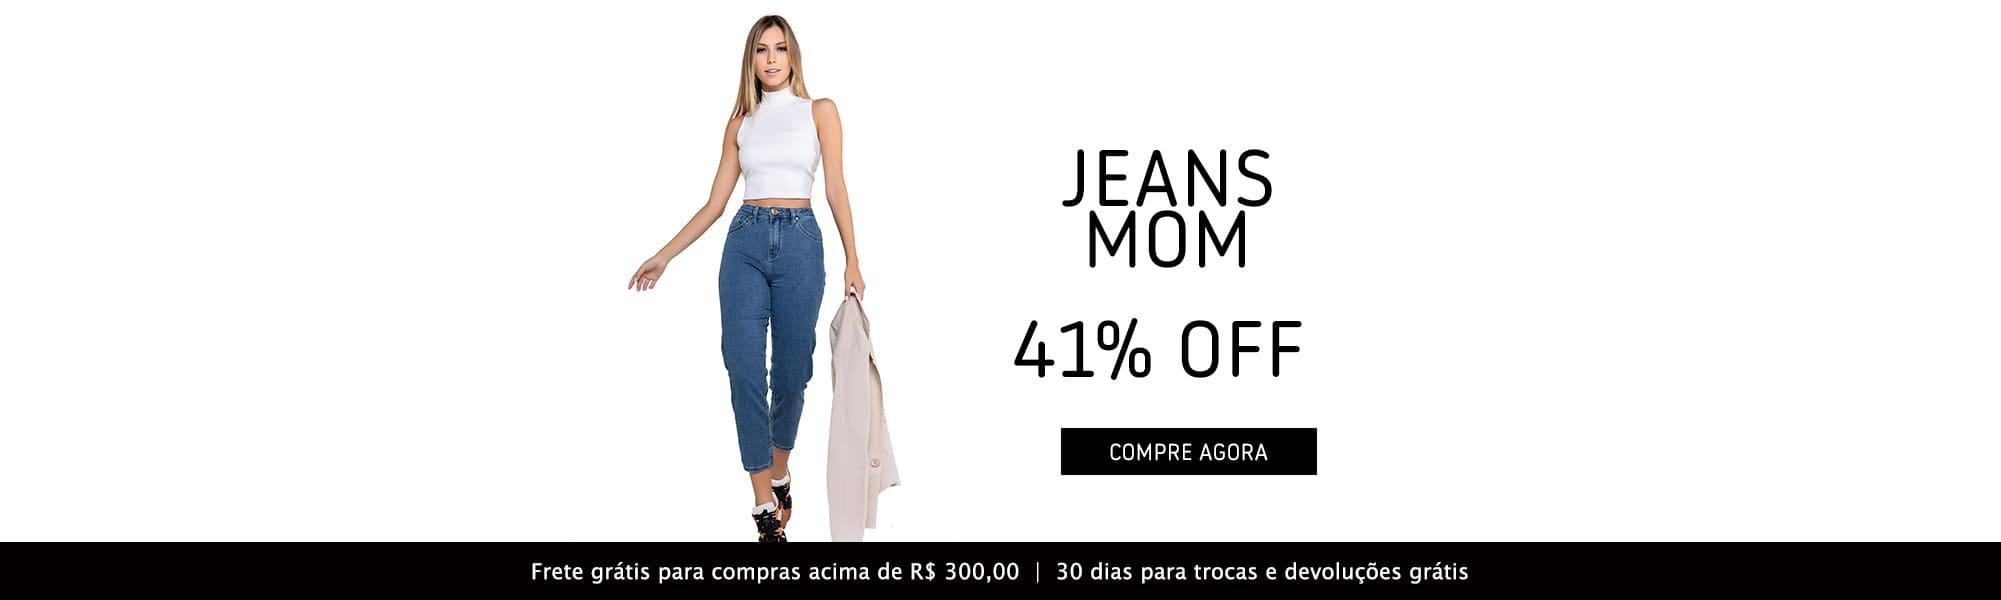 Calça Jeans Feminina Mom - 41%  de desconto - Black November